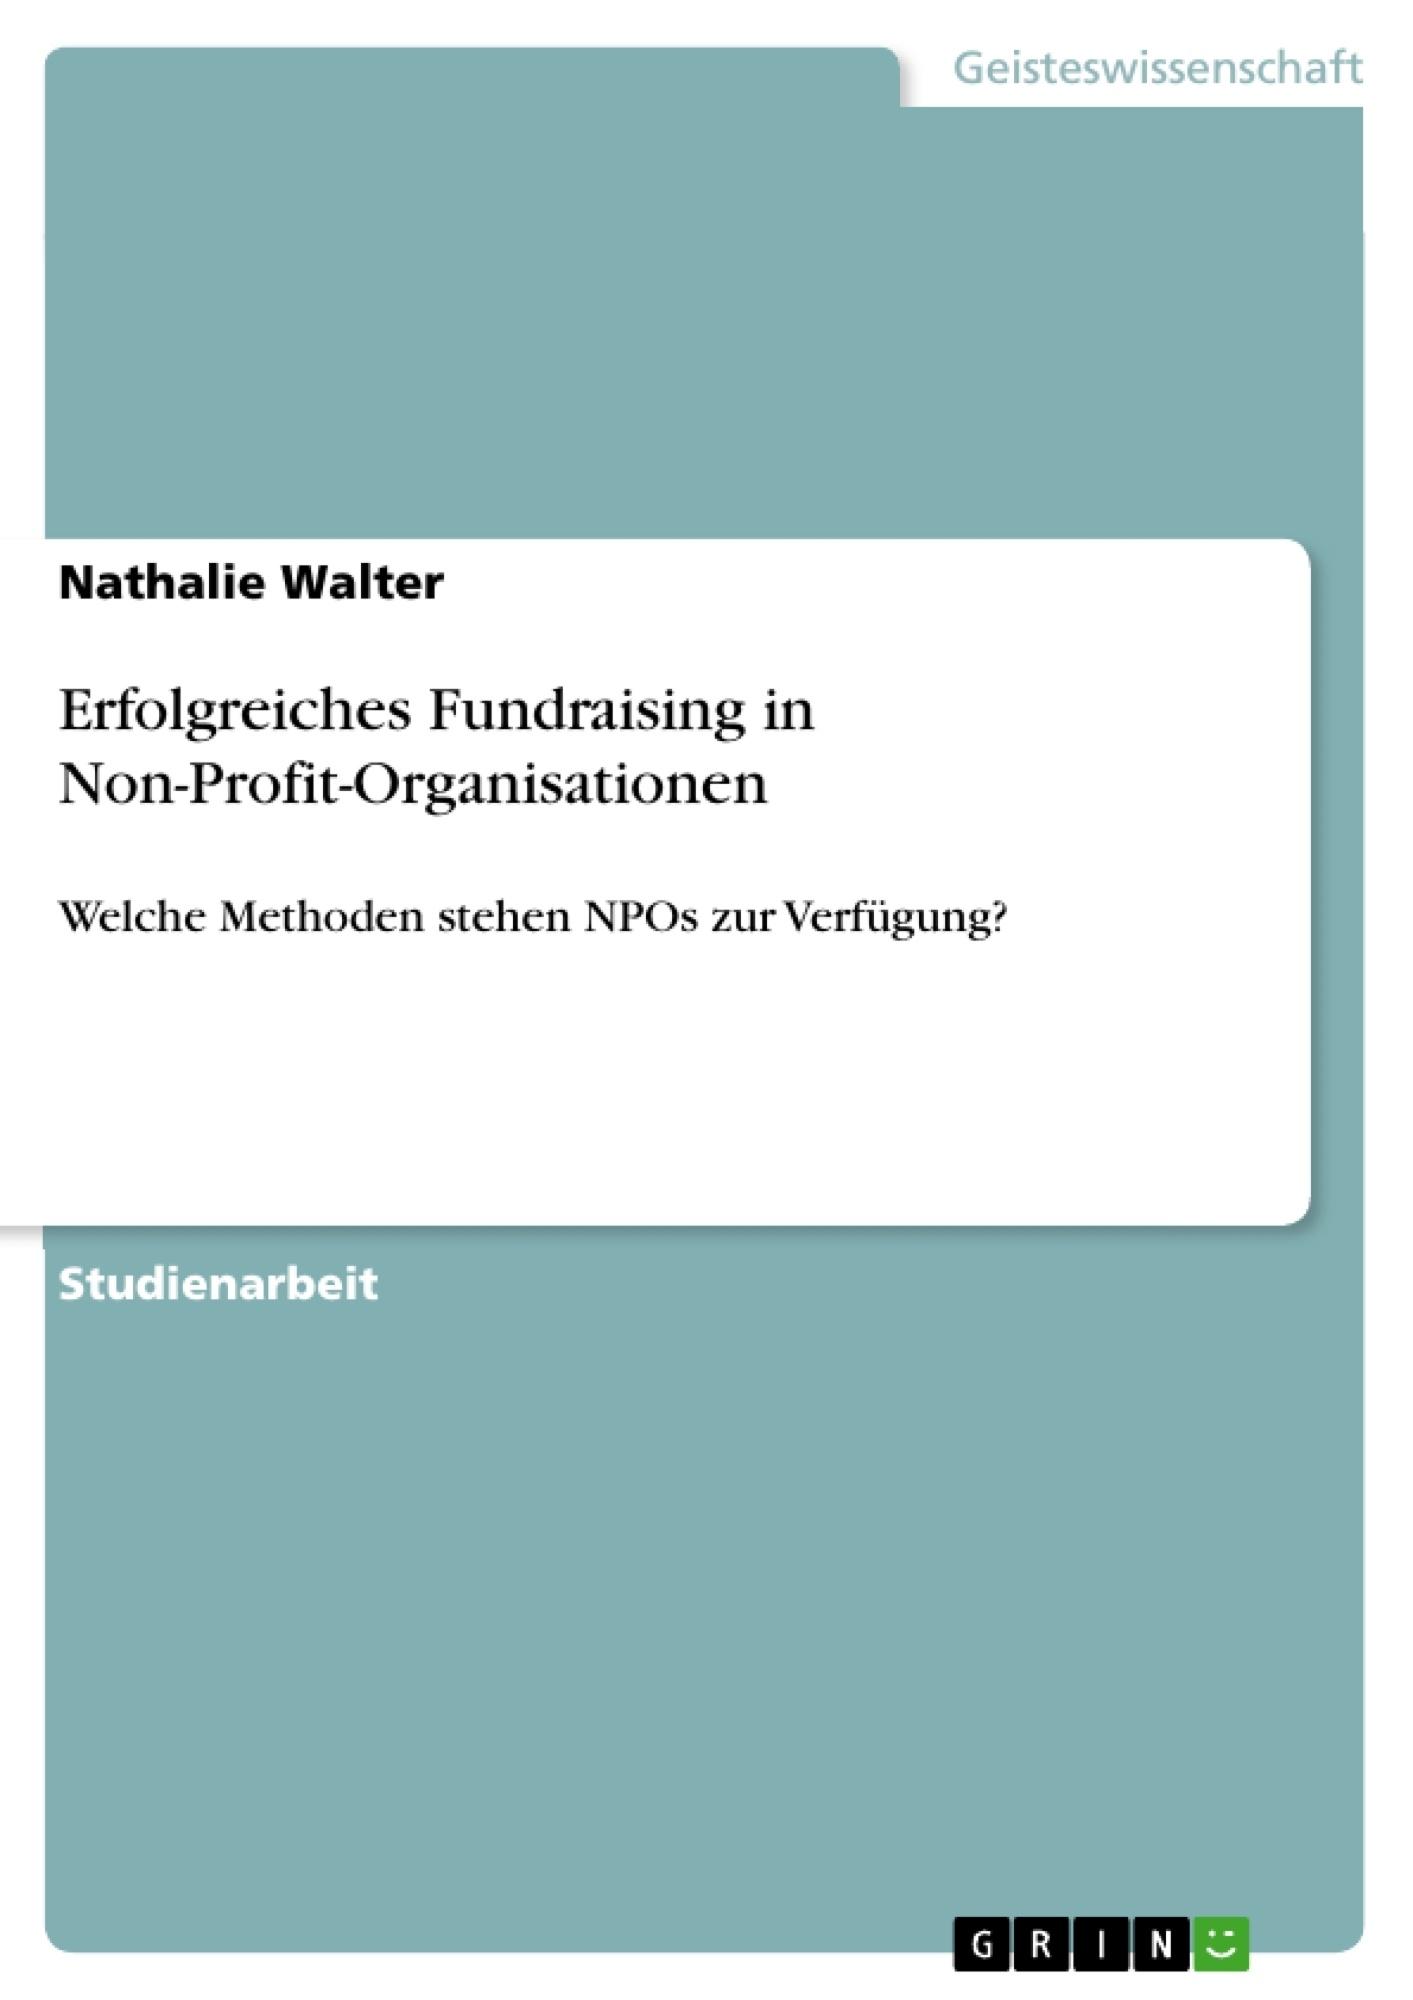 Titel: Erfolgreiches Fundraising in Non-Profit-Organisationen